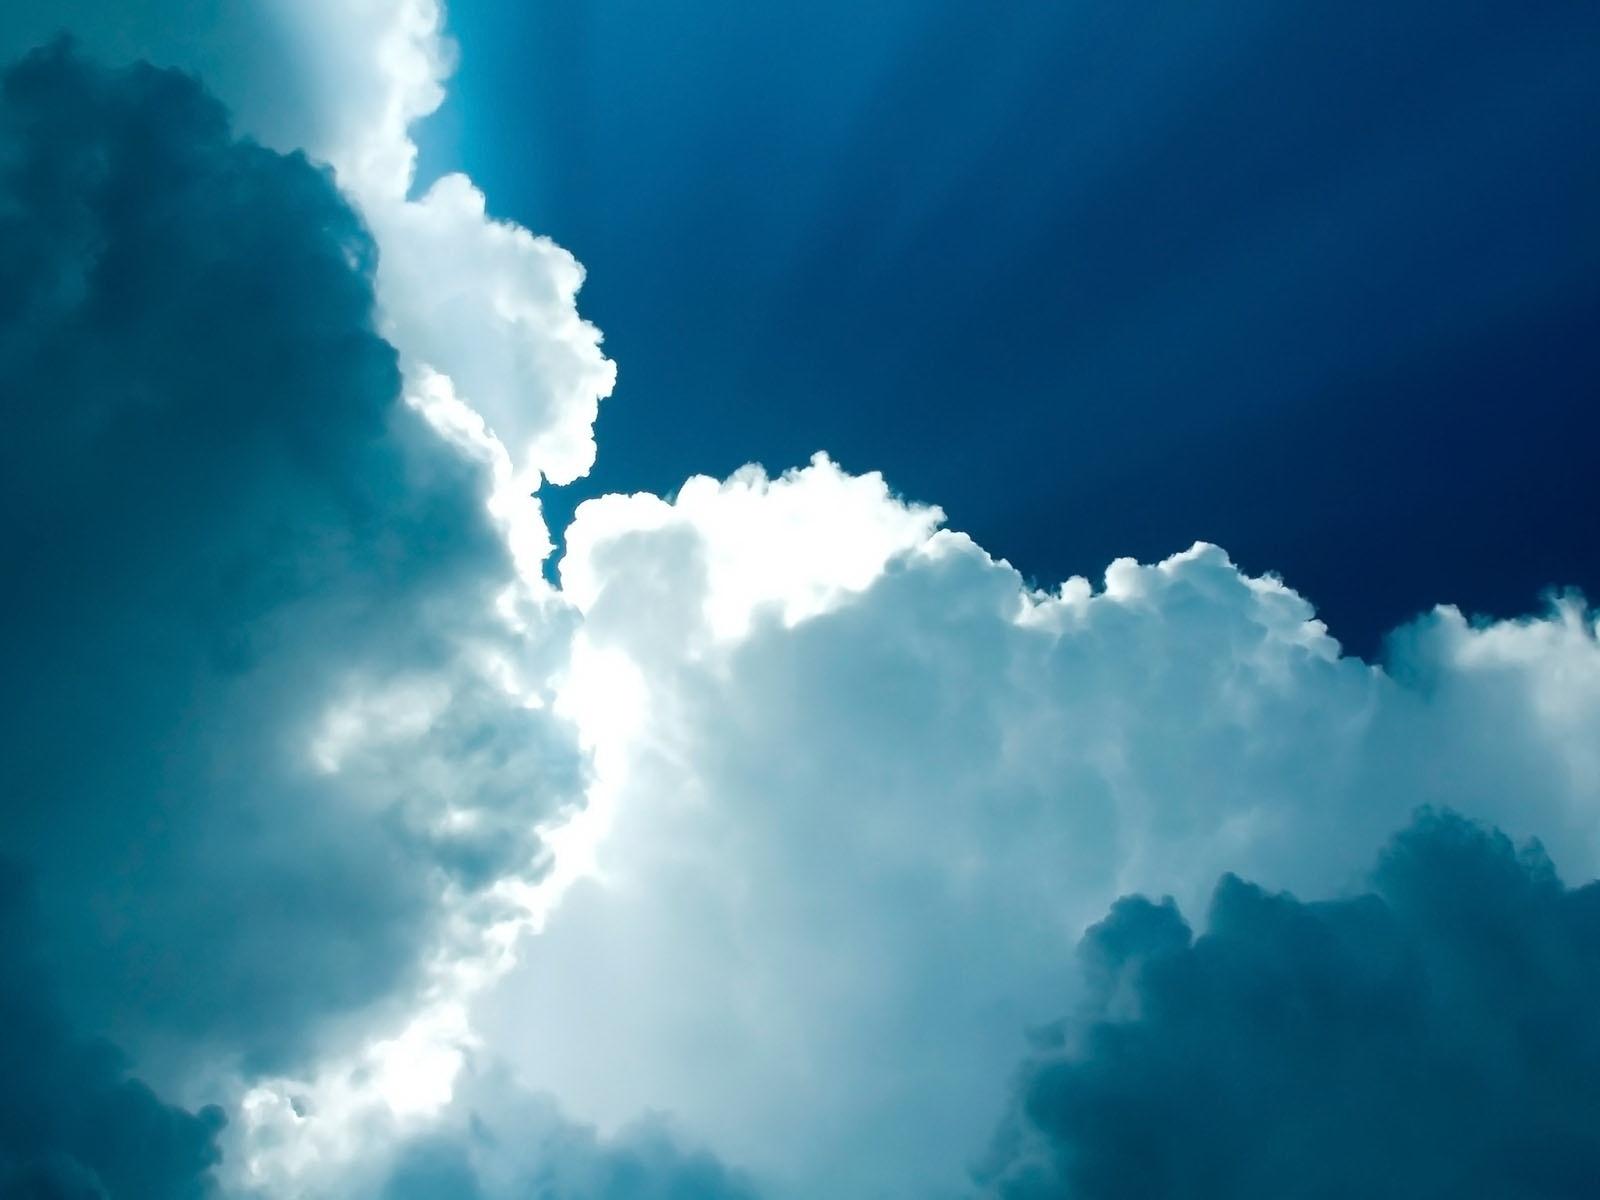 5403-nuages-et-ciel-tres-bleu-viaa